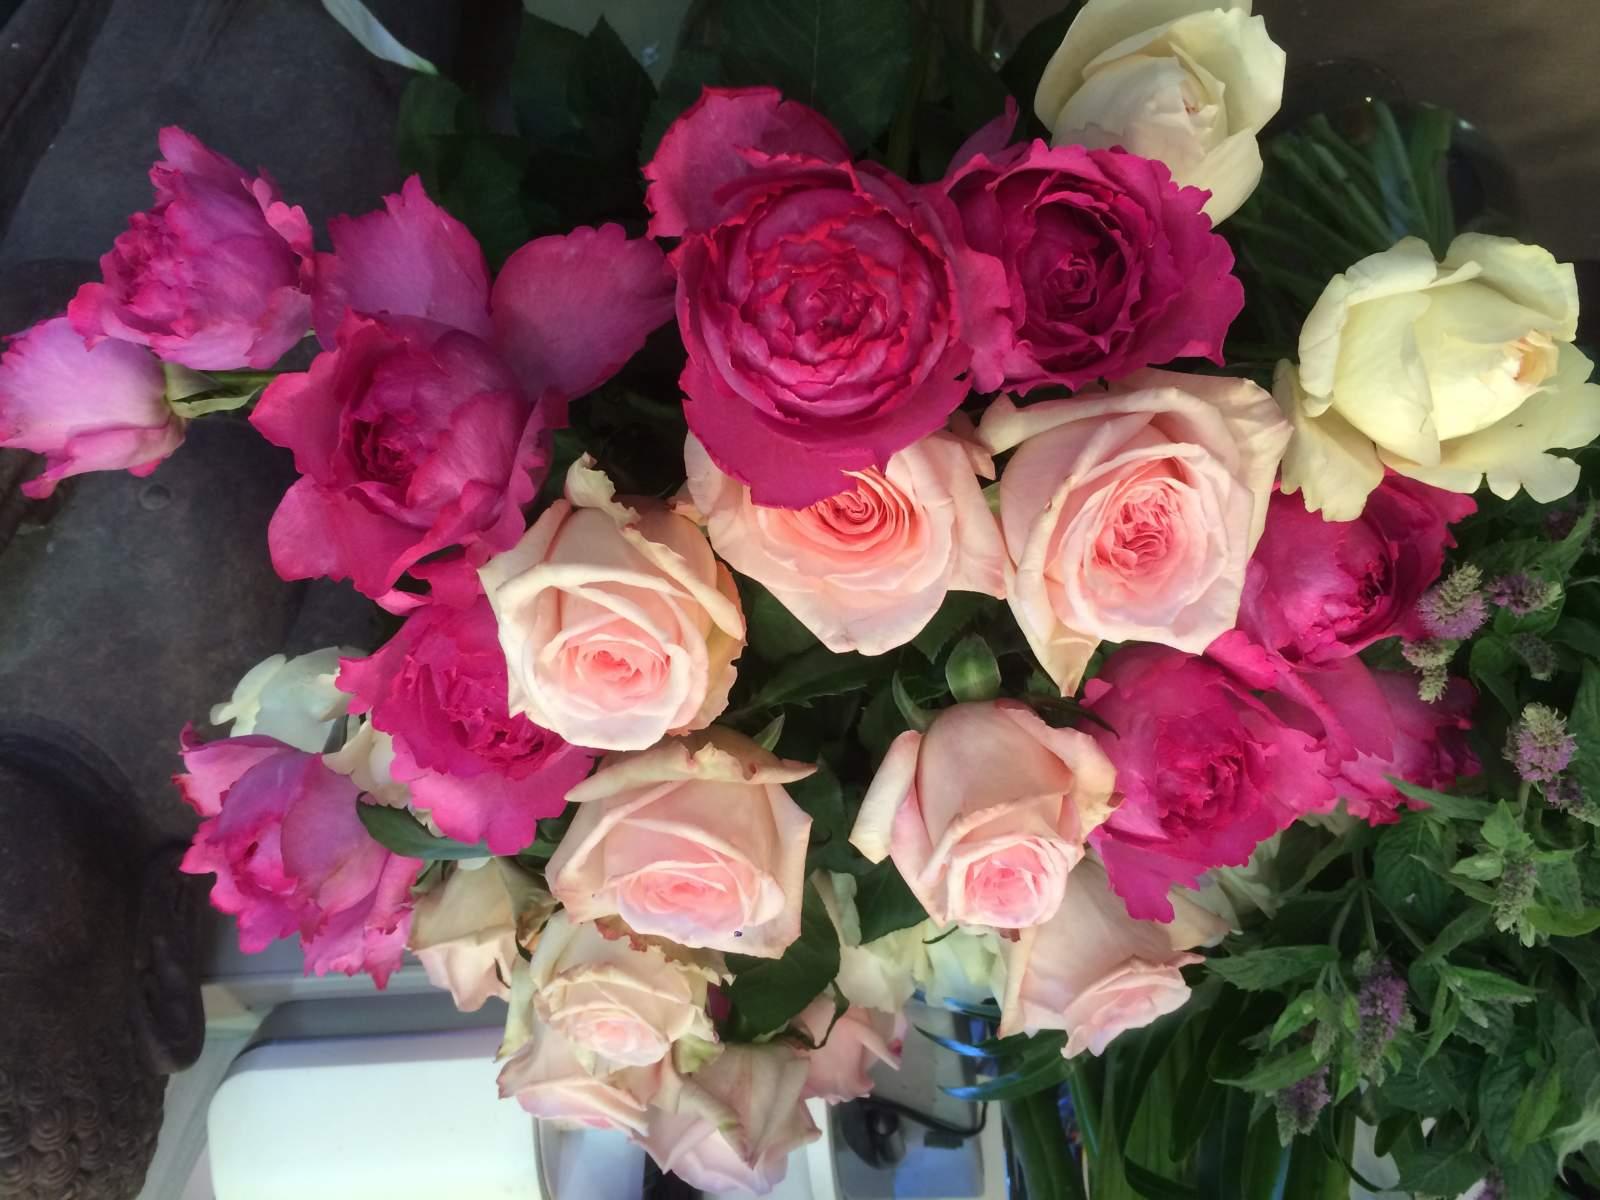 Livraison de bouquets de fleurs domicile proche de lyon for Livraison bouquet de fleurs a domicile